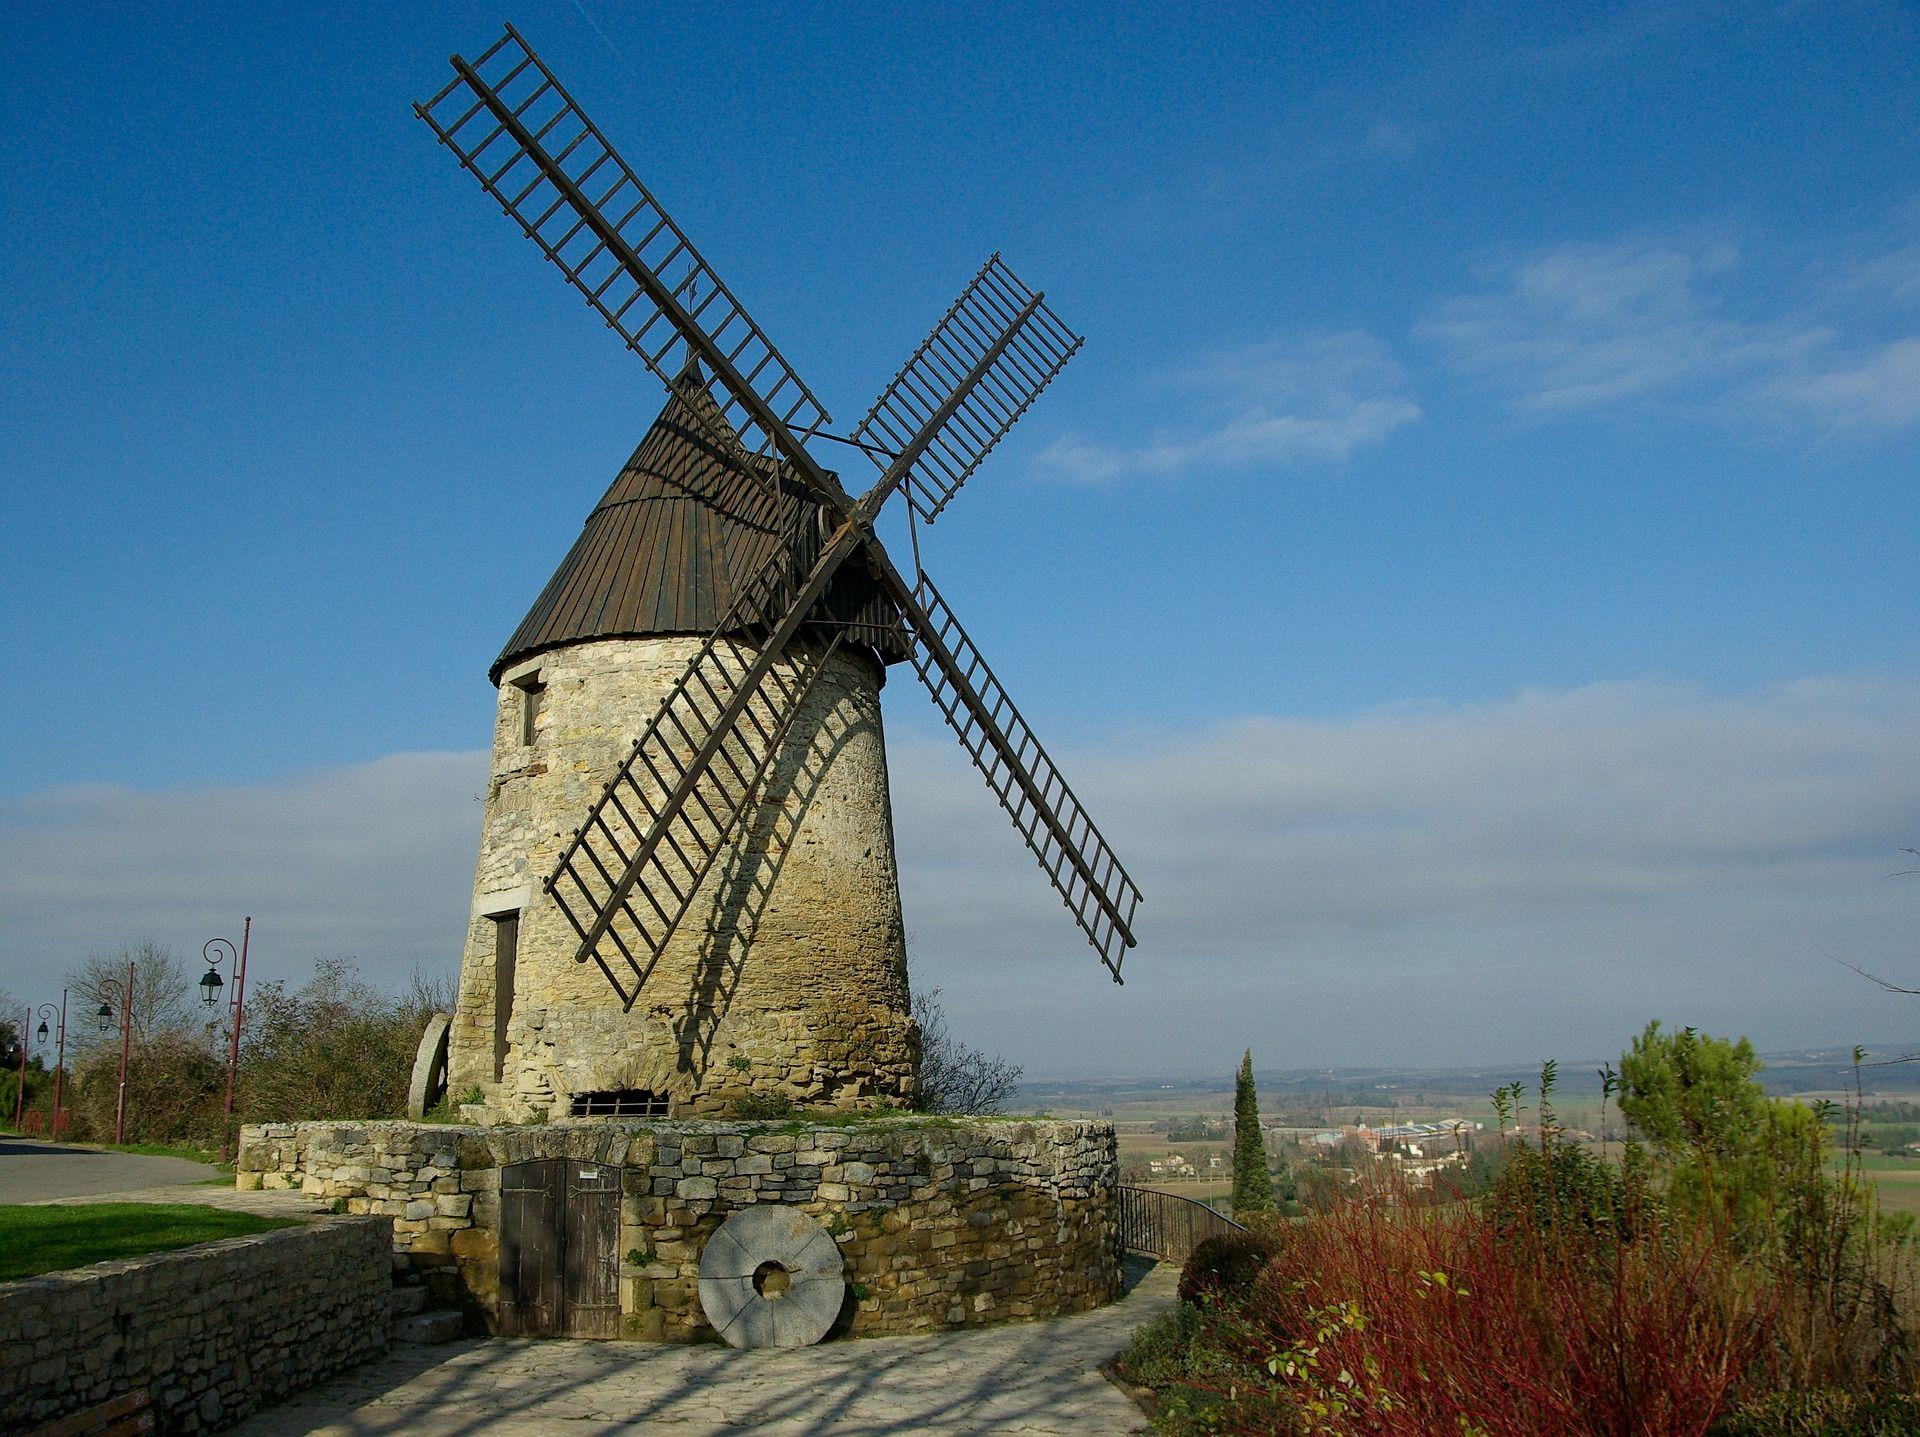 windmill-584318_1920.jpg (1920×1437)